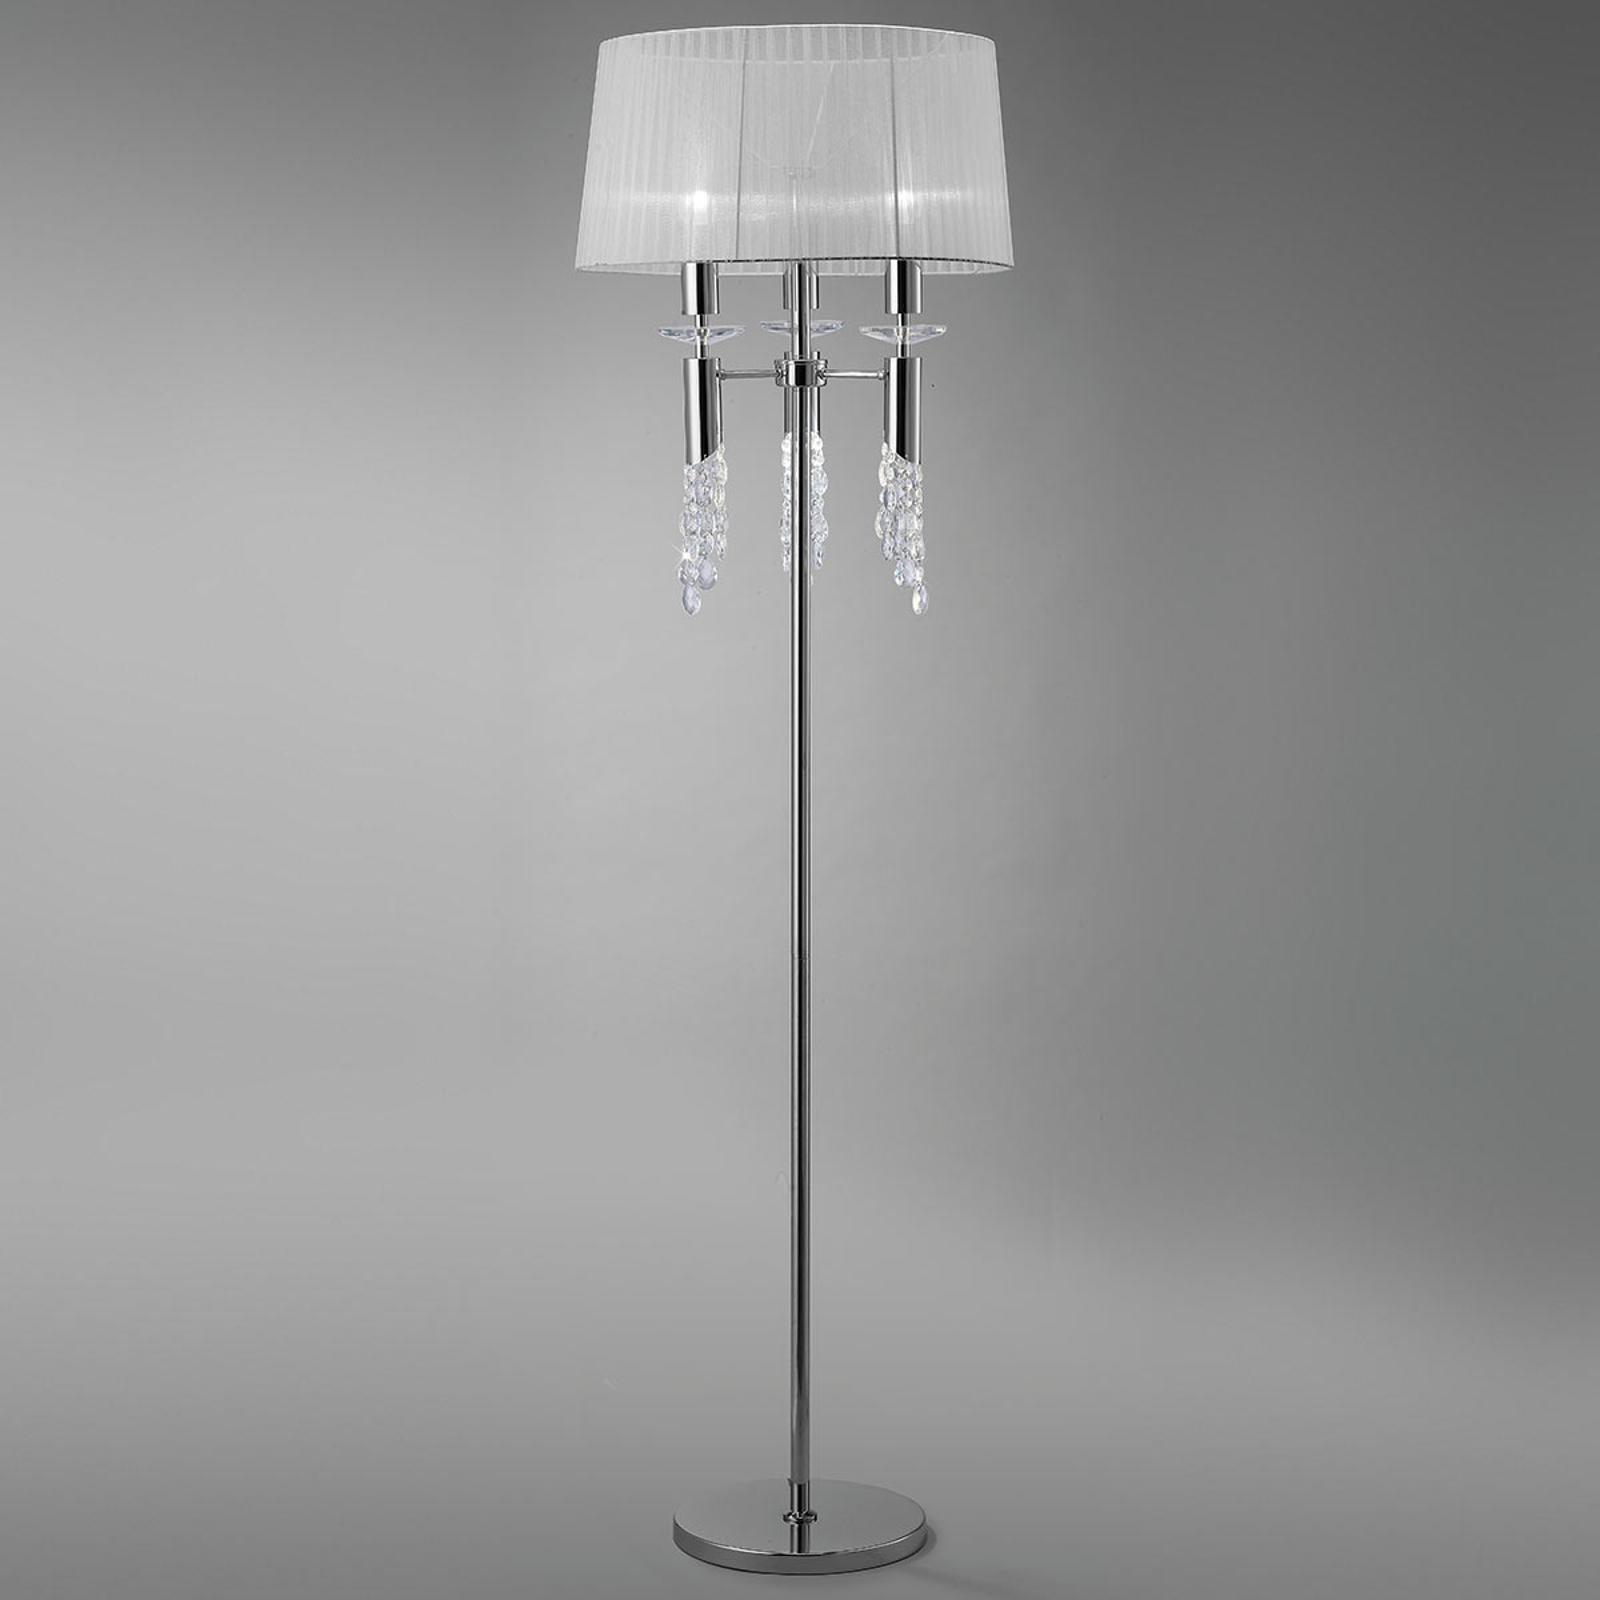 Vloerlamp Lilja met zijden kap